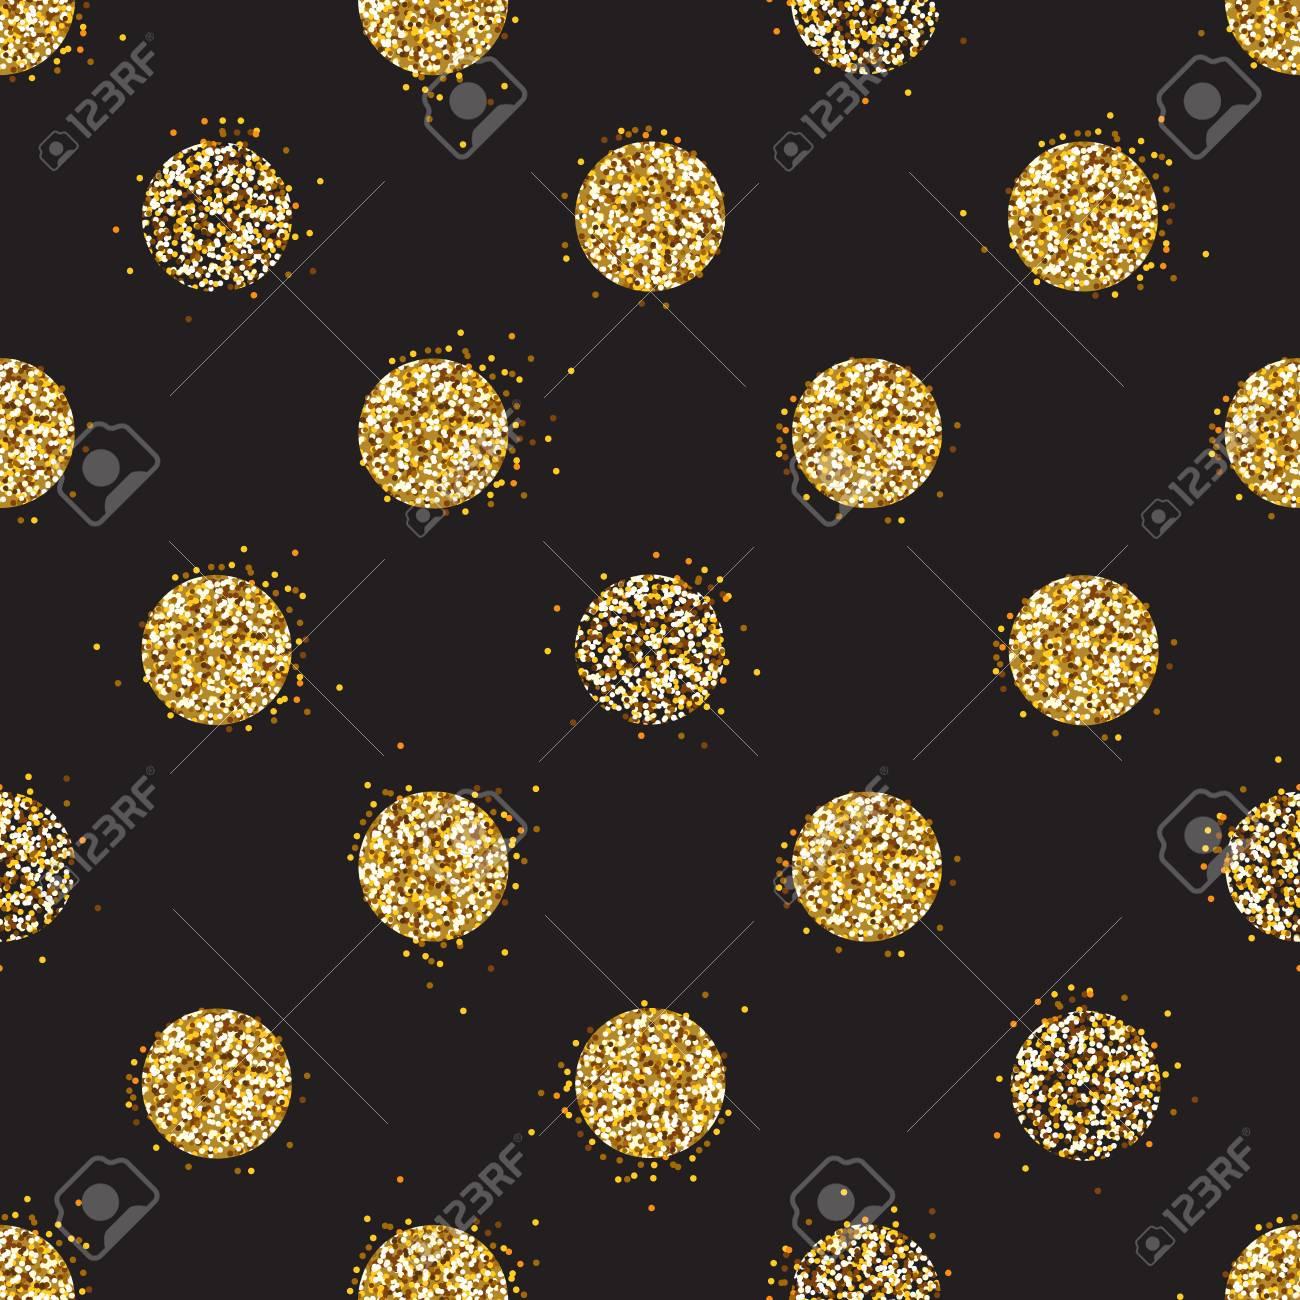 Fond Noir Et Or Avec Décoration De Paillettes Brillantes Modèle Sans Couture Grand Pour Des Cartes De Noël Et Danniversaire Des Affiches De